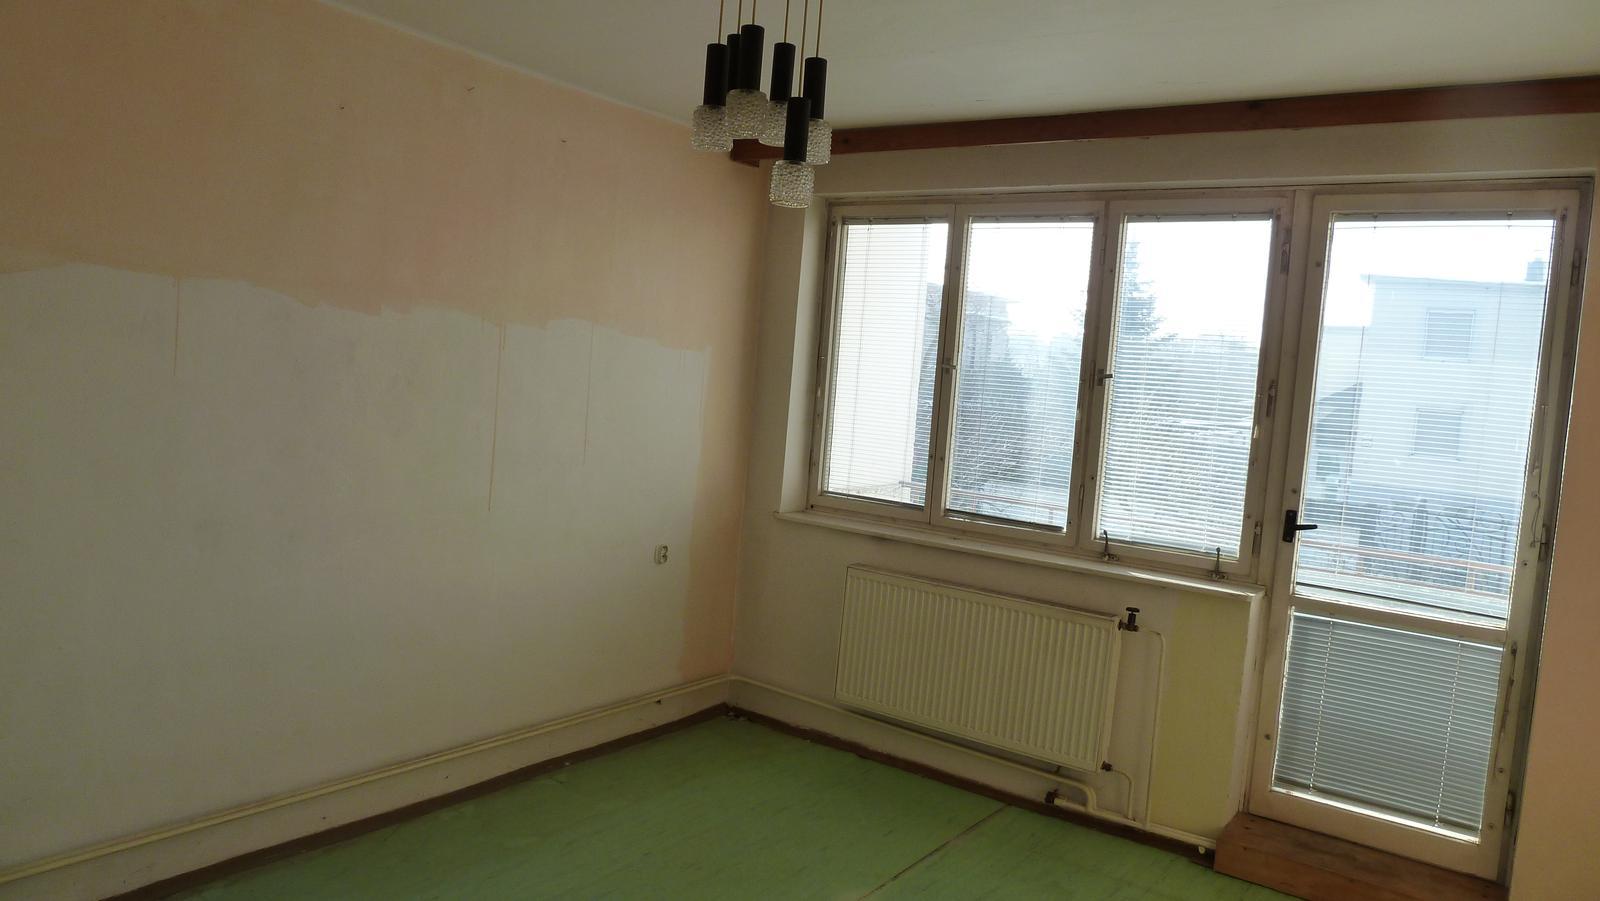 Projekt: Nové bývanie ... - ... spálňa, rúrky z kúrenia ťahané popri stene v celom byte :-( ...